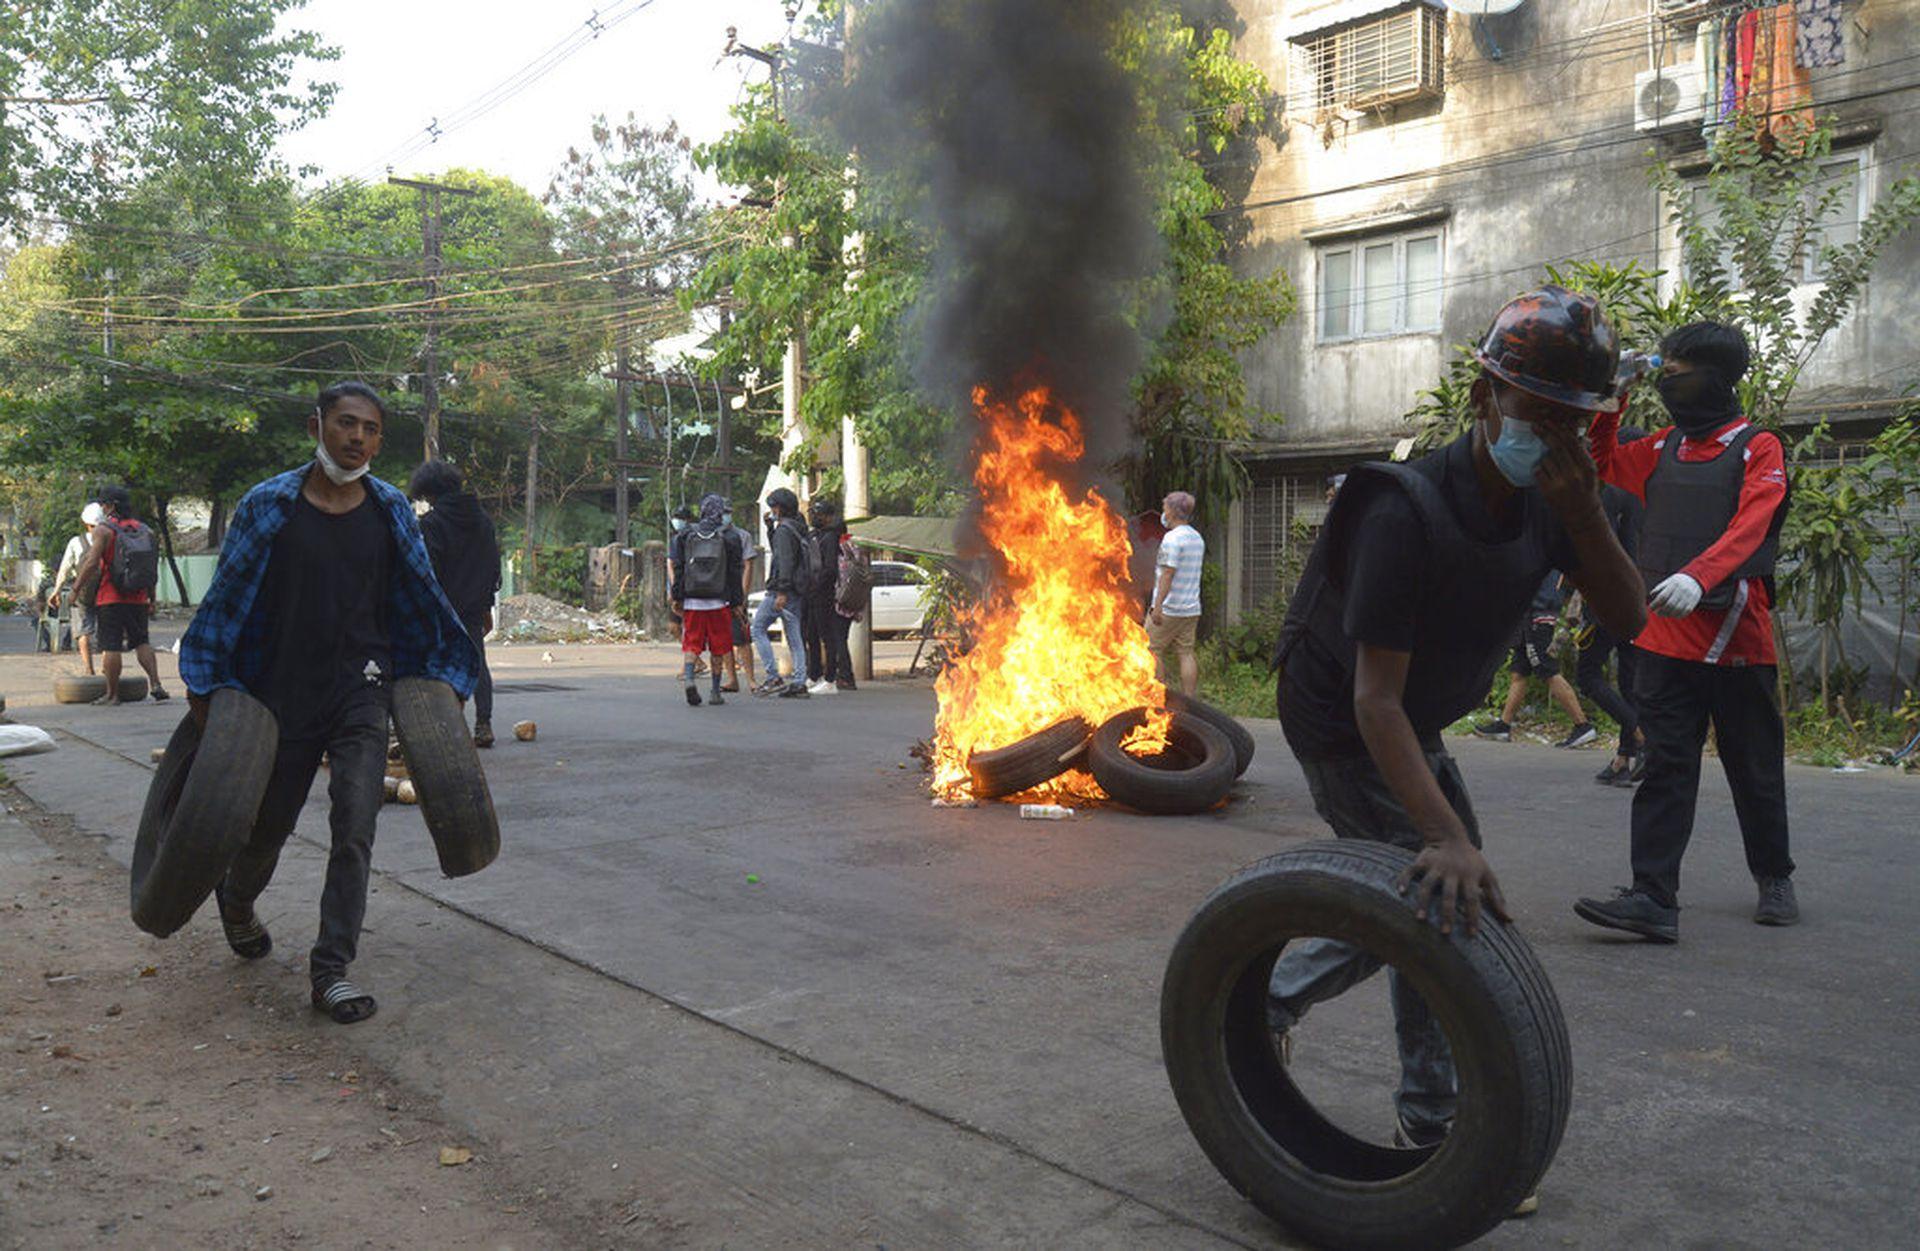 联合国安理会谴责缅甸军方暴力镇压 致数百平民丧生(图)